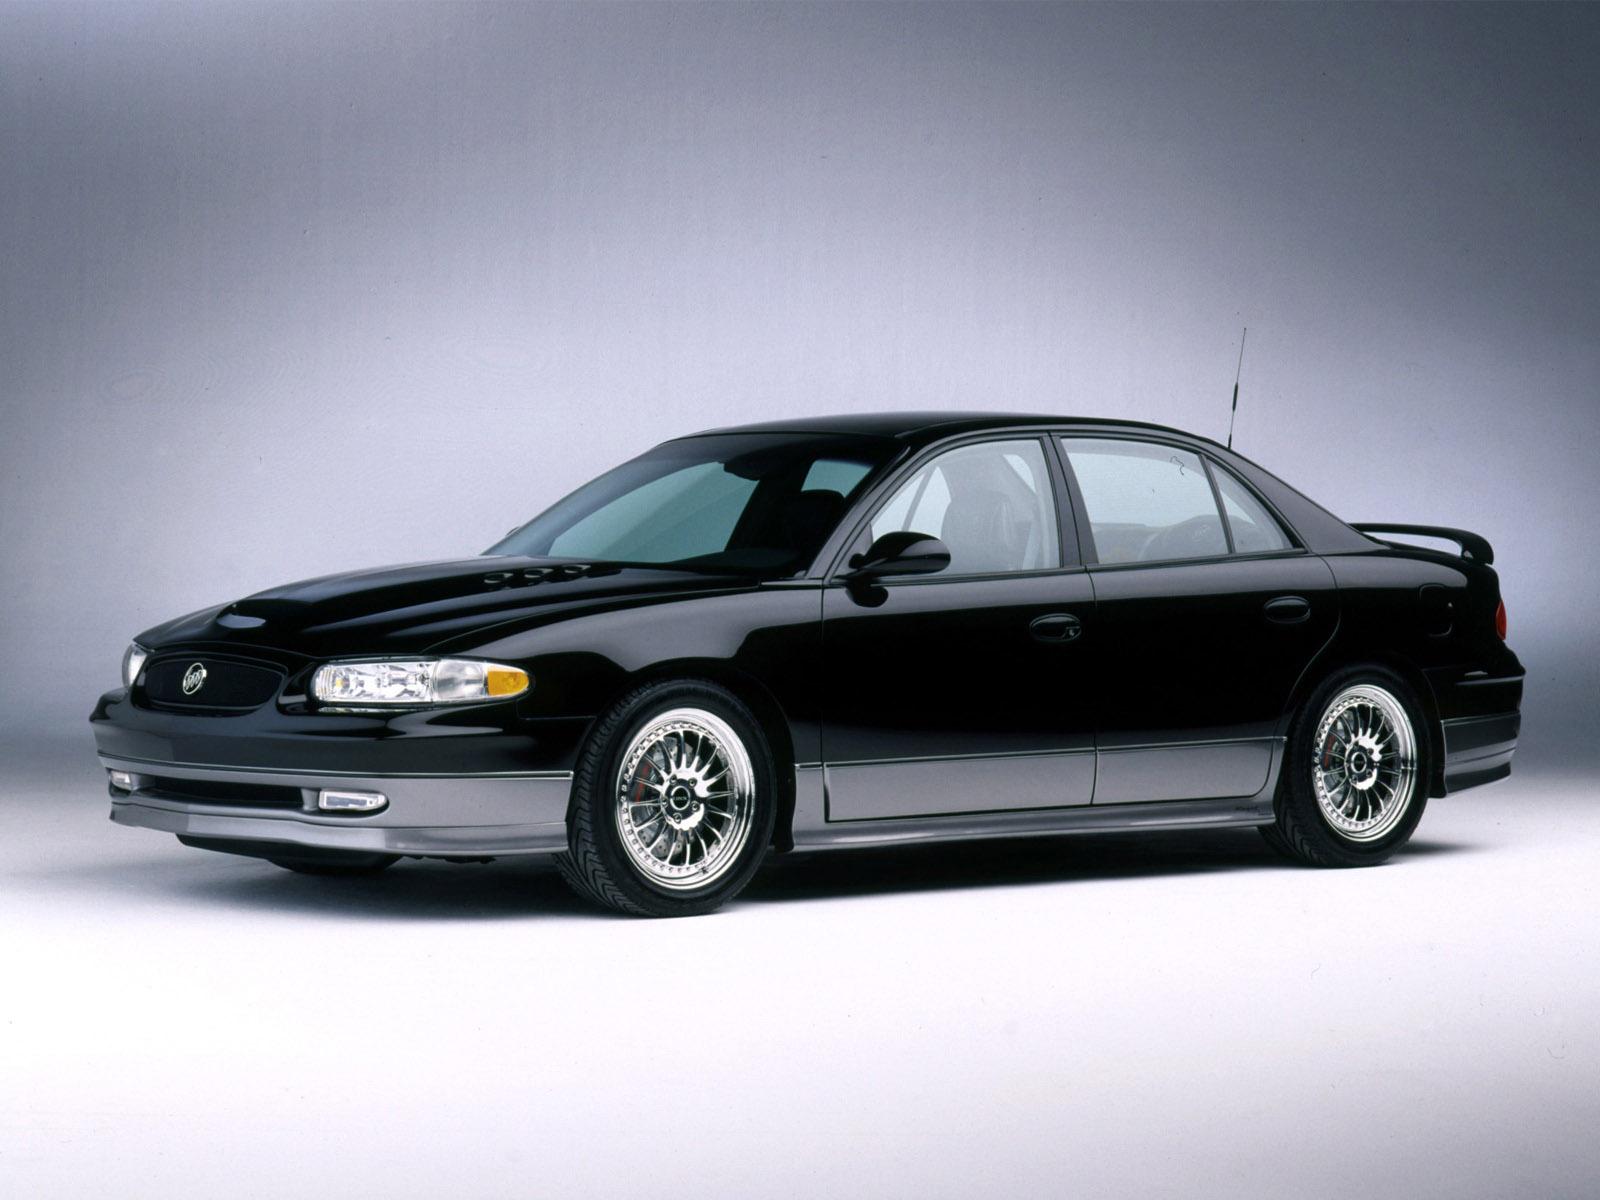 buick regal gnx show car 2000 buick regal gnx show car. Black Bedroom Furniture Sets. Home Design Ideas